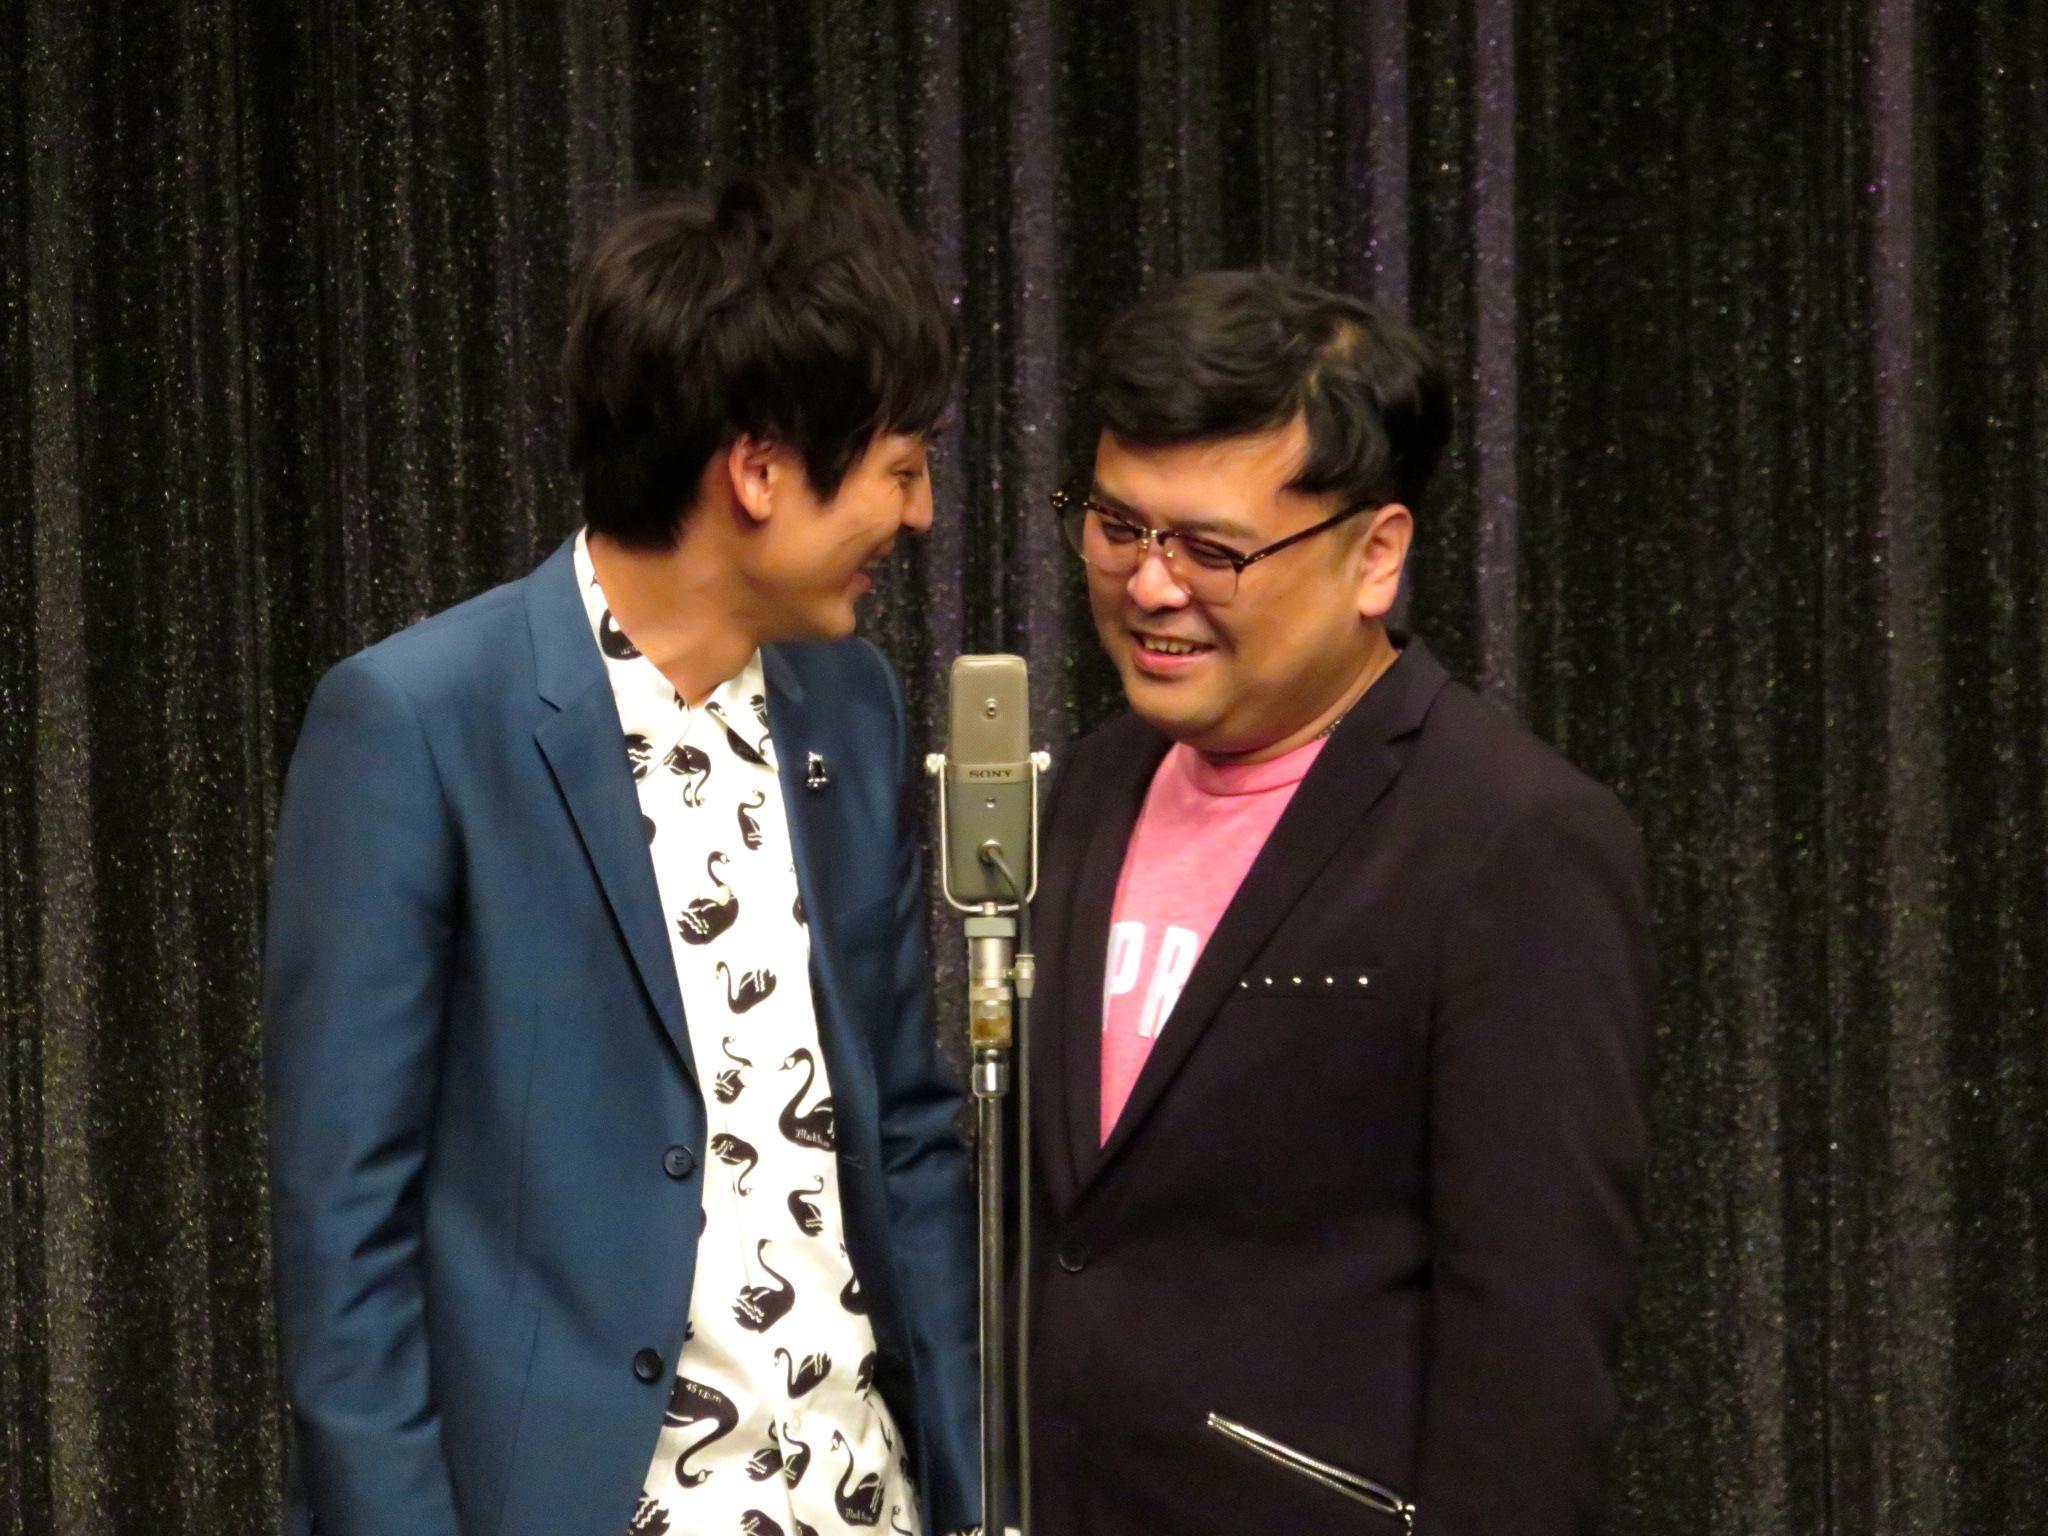 http://news.yoshimoto.co.jp/20180202195528-d329c87051632f97ba6a87ab1bfb51fba7f52be9.jpg